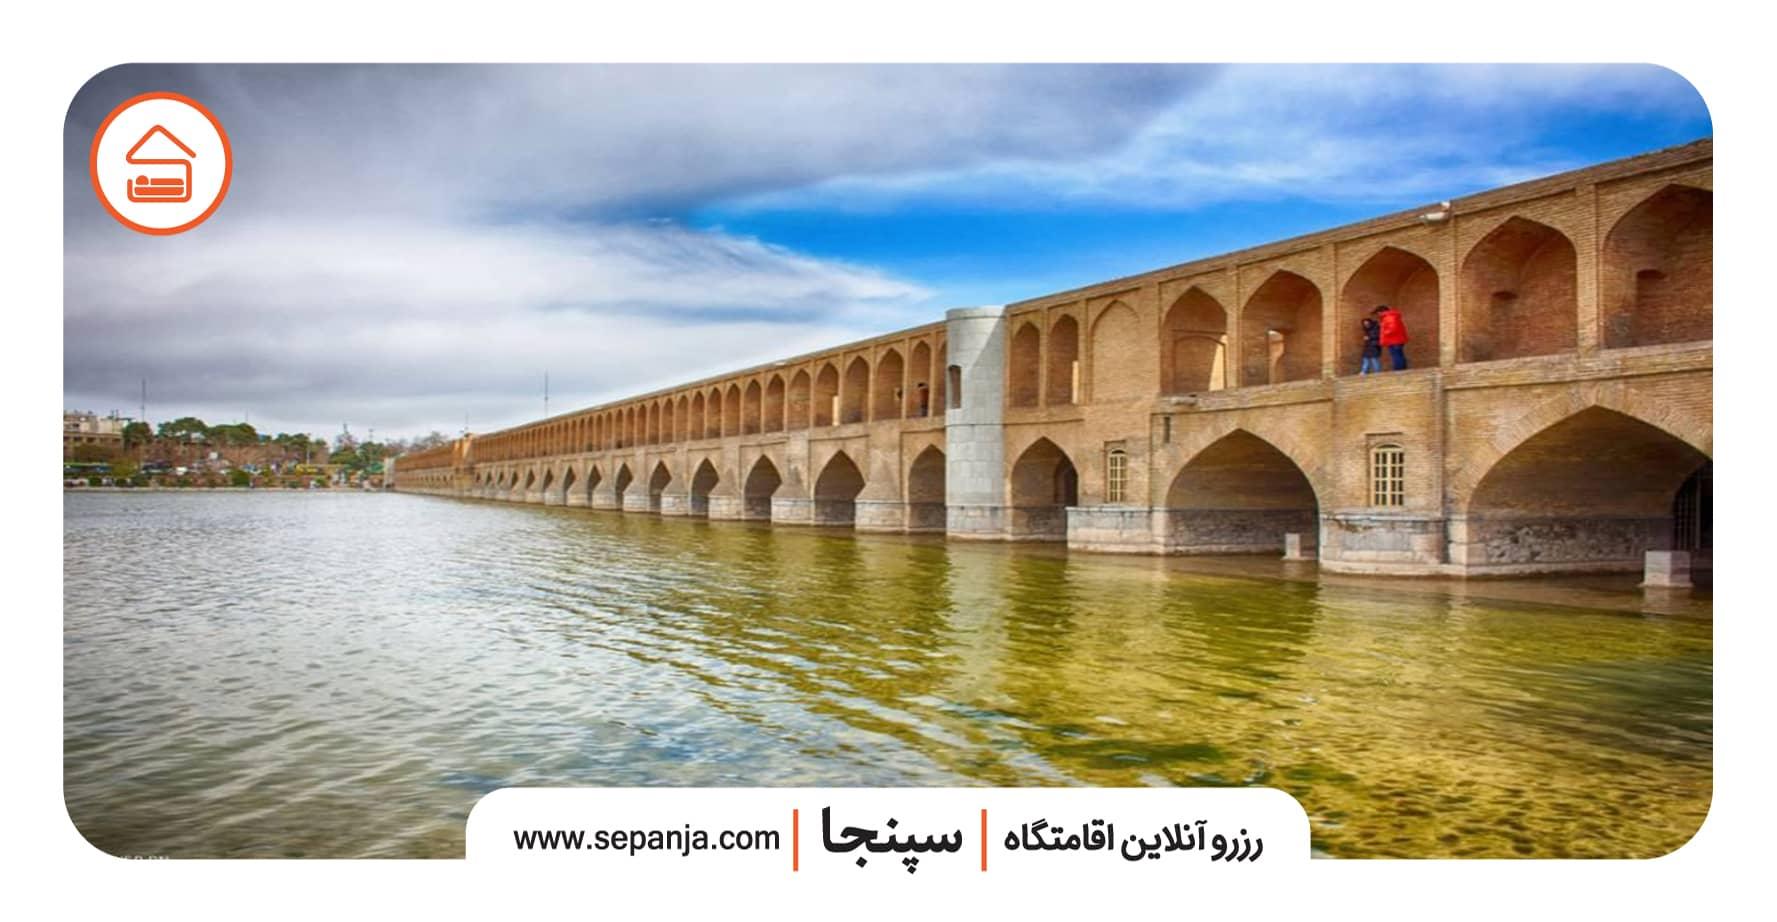 دیدنی های سی و سه پل اصفهان